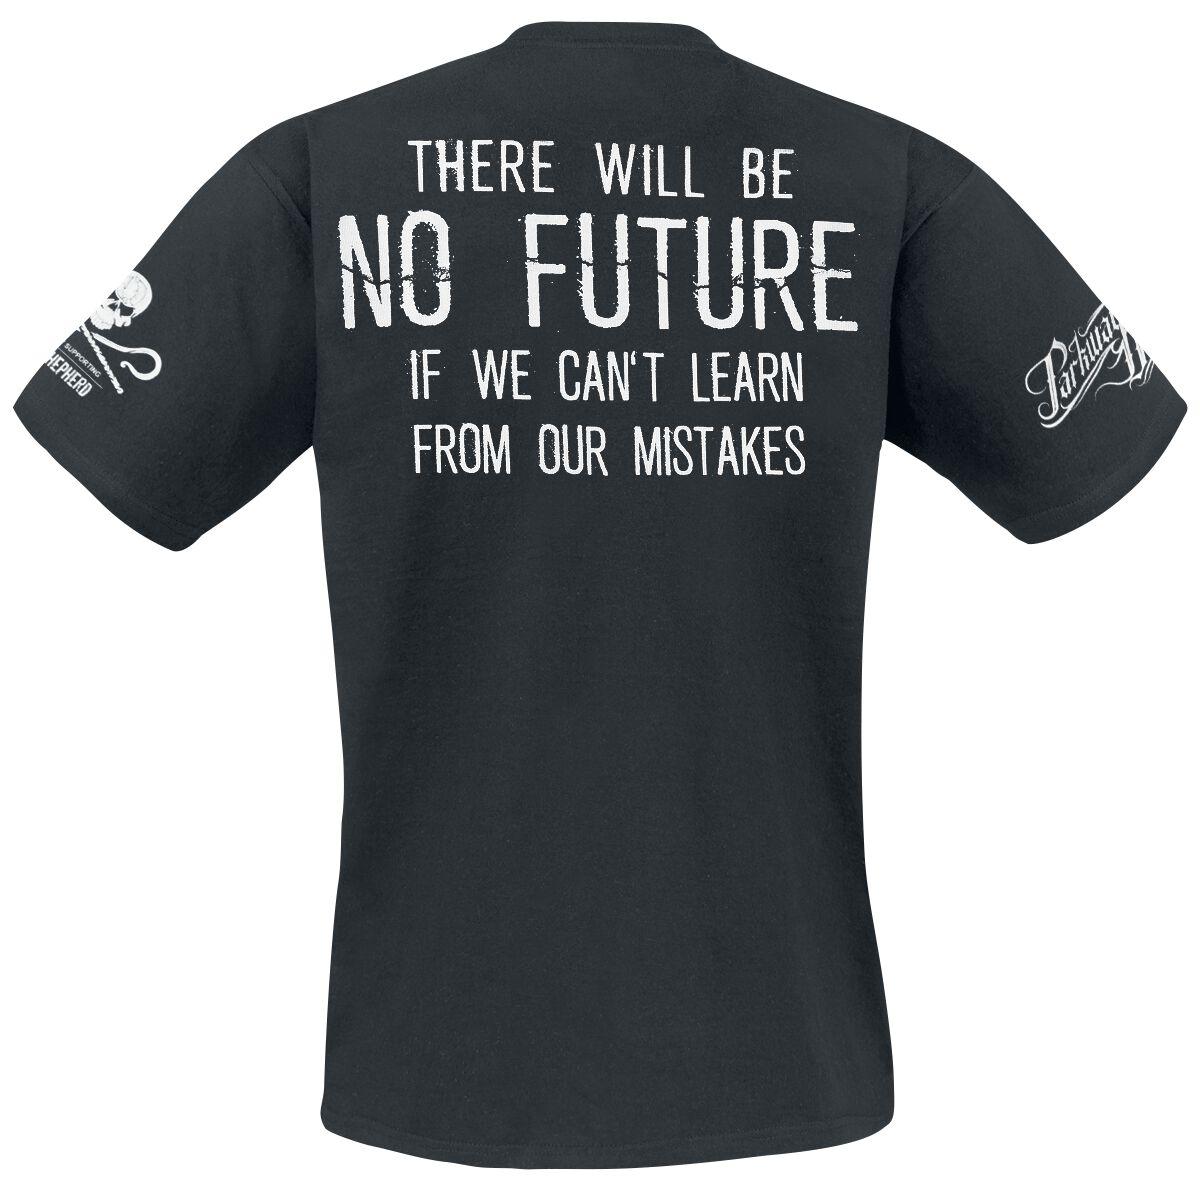 belle qualité remise pour vente forme élégante Sea Shepherd Cooperation - There Will Be No Future